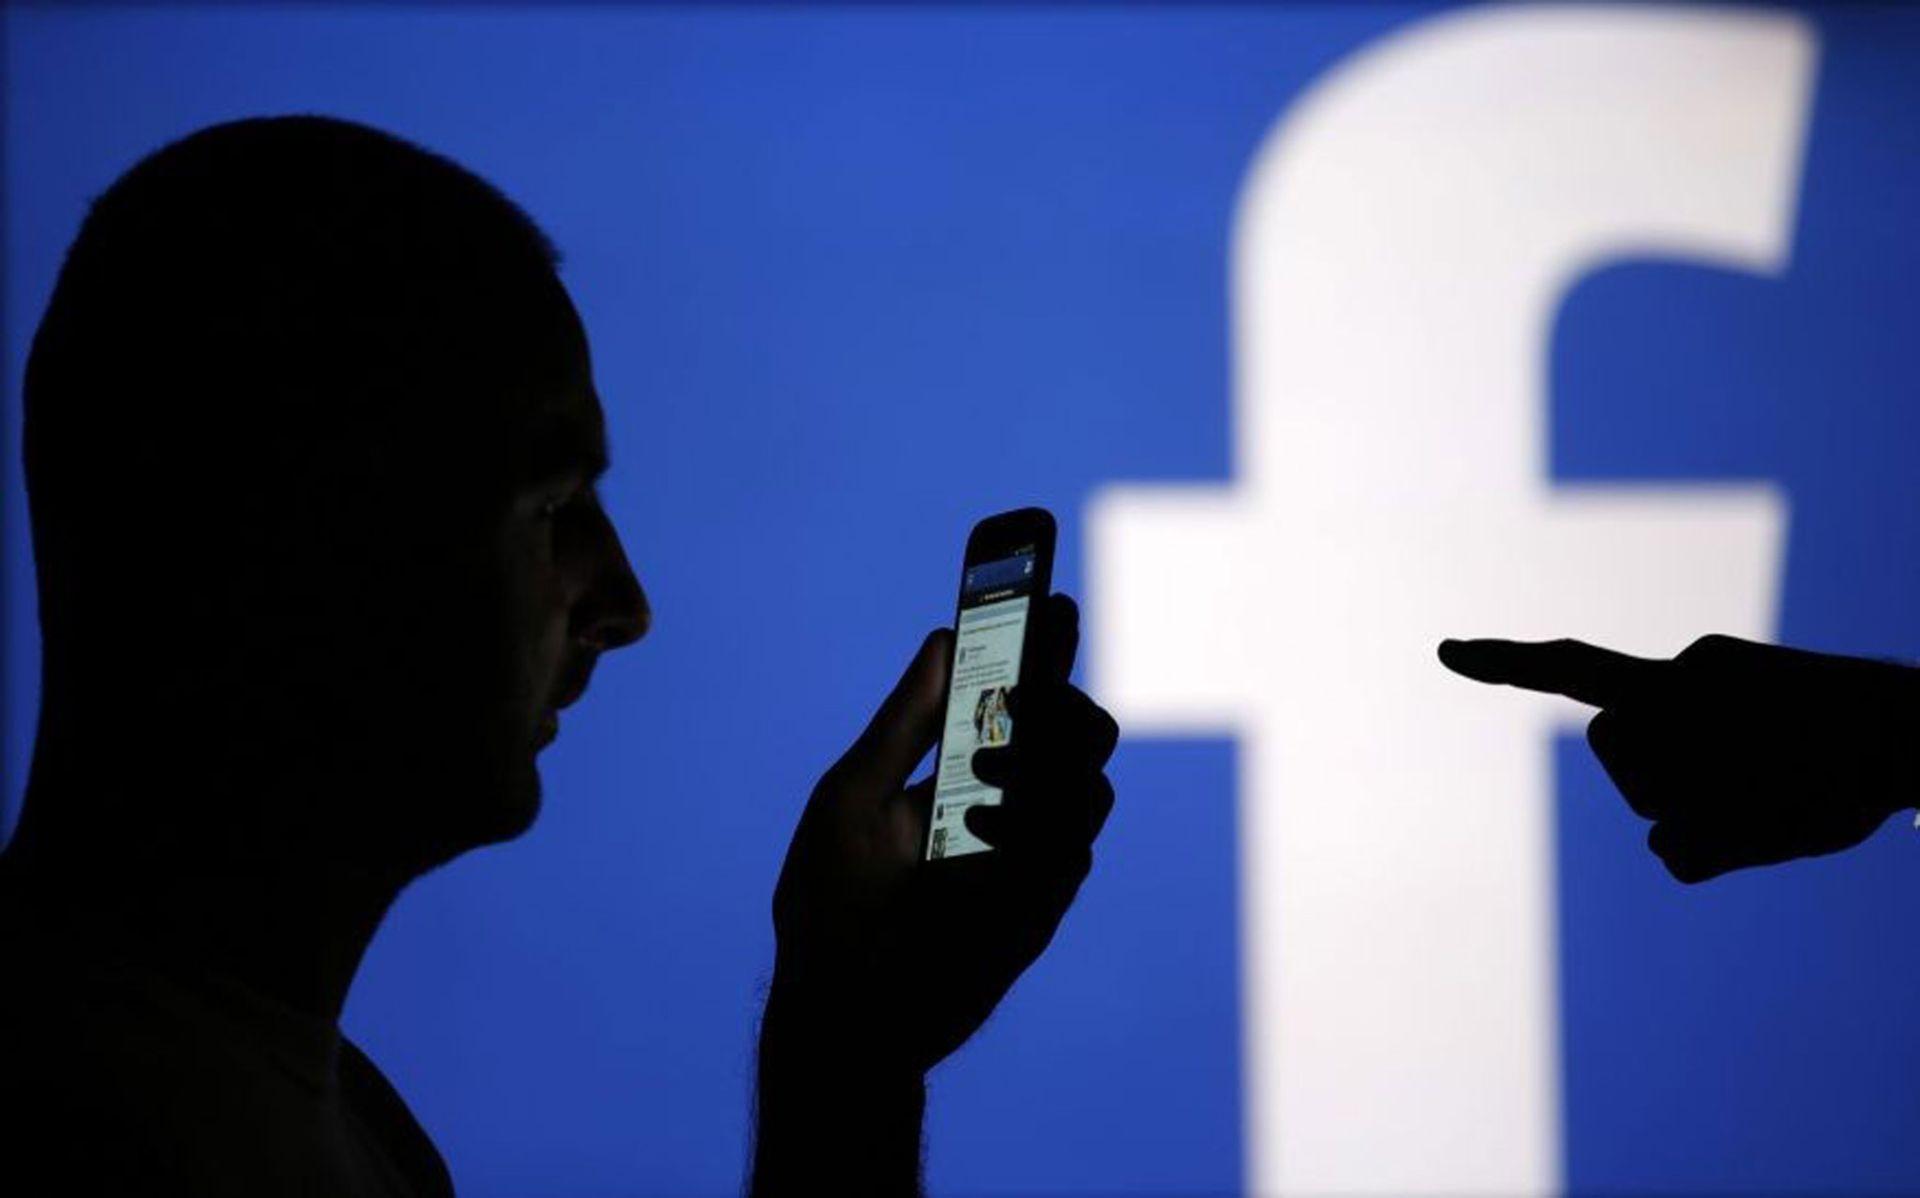 ¿Hiciste la cuenta del tiempo que pasás en Facebook?